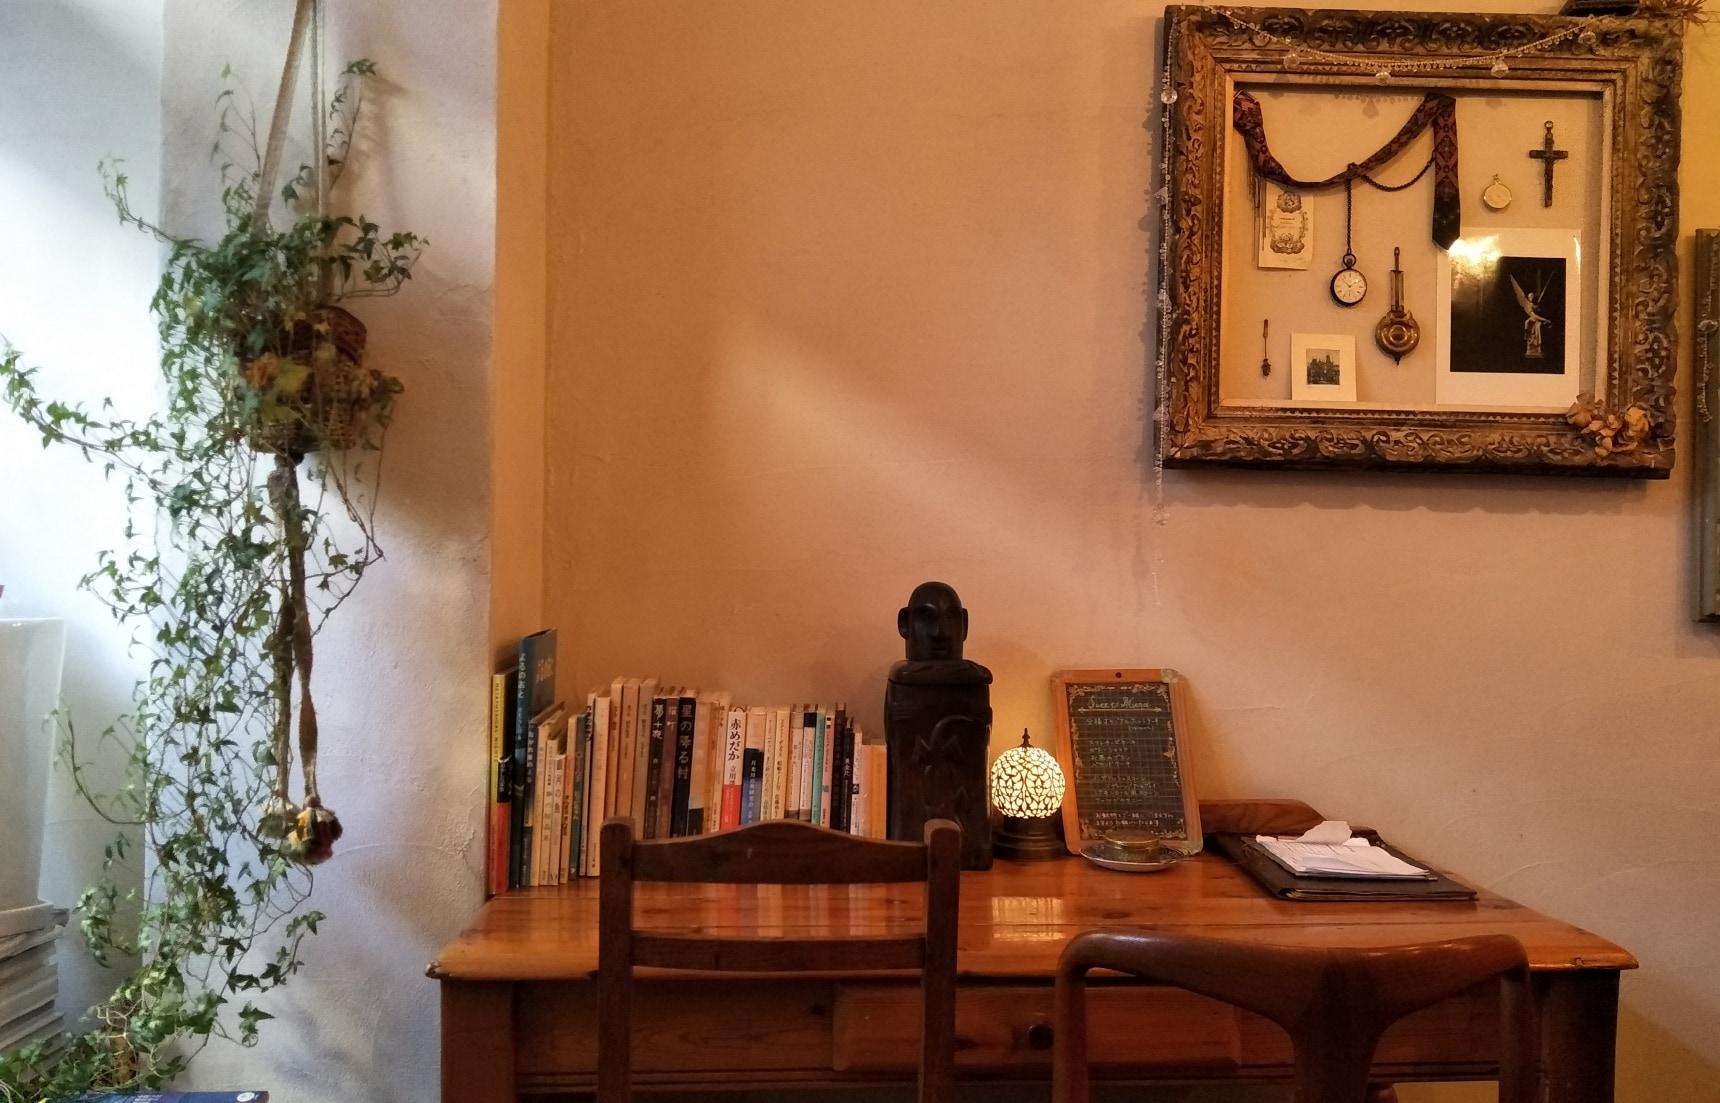 【東京美食】5間東京在地人的私房咖啡・喫茶店推薦名單